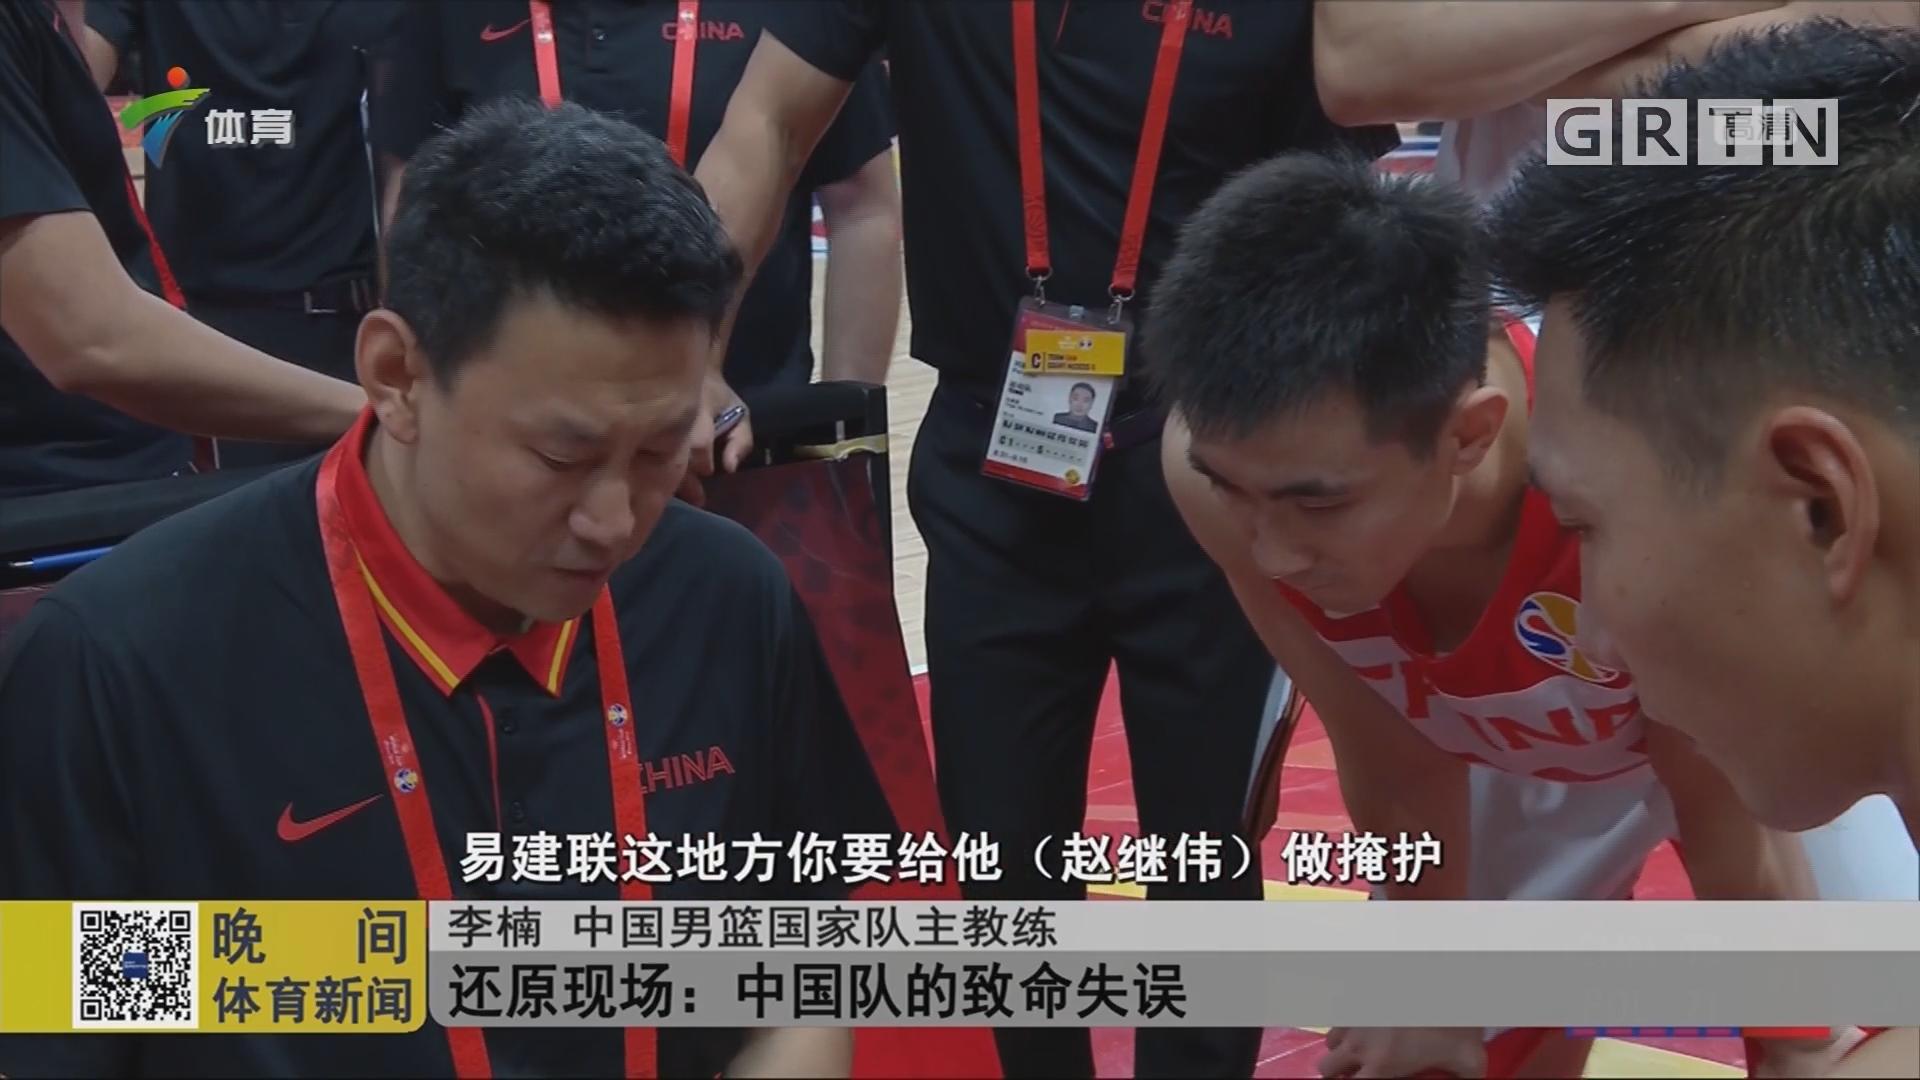 还原现场:中国队的致命失误